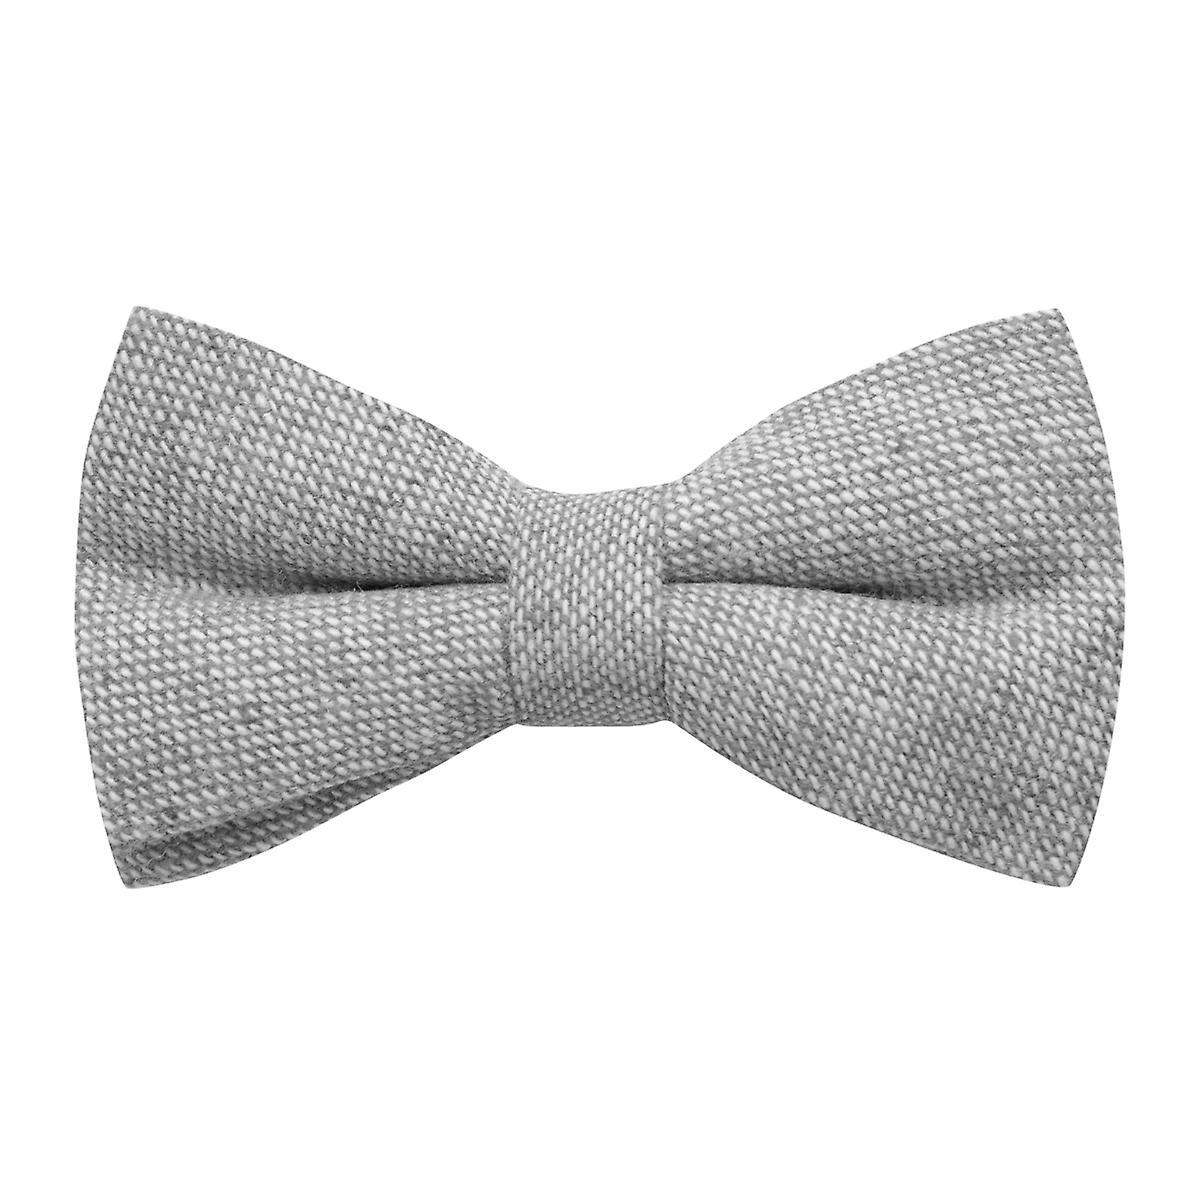 Highland Weave Stonewashed Light Grey Bow Tie